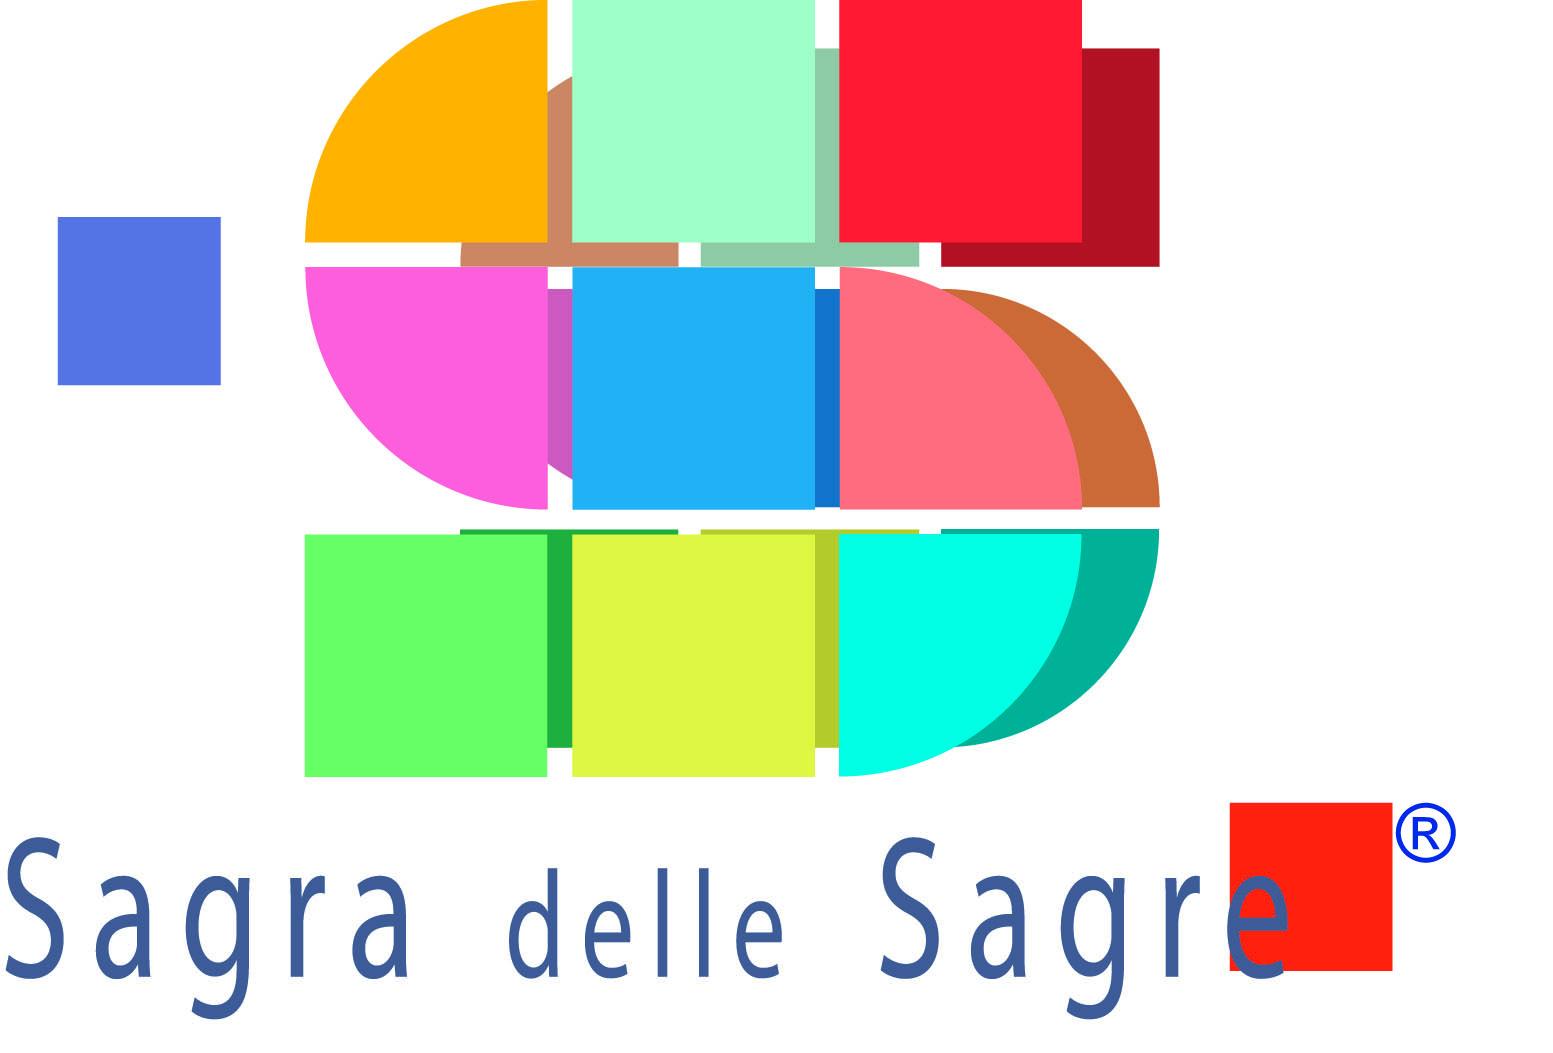 Sagra delle Sagre 52° edizione